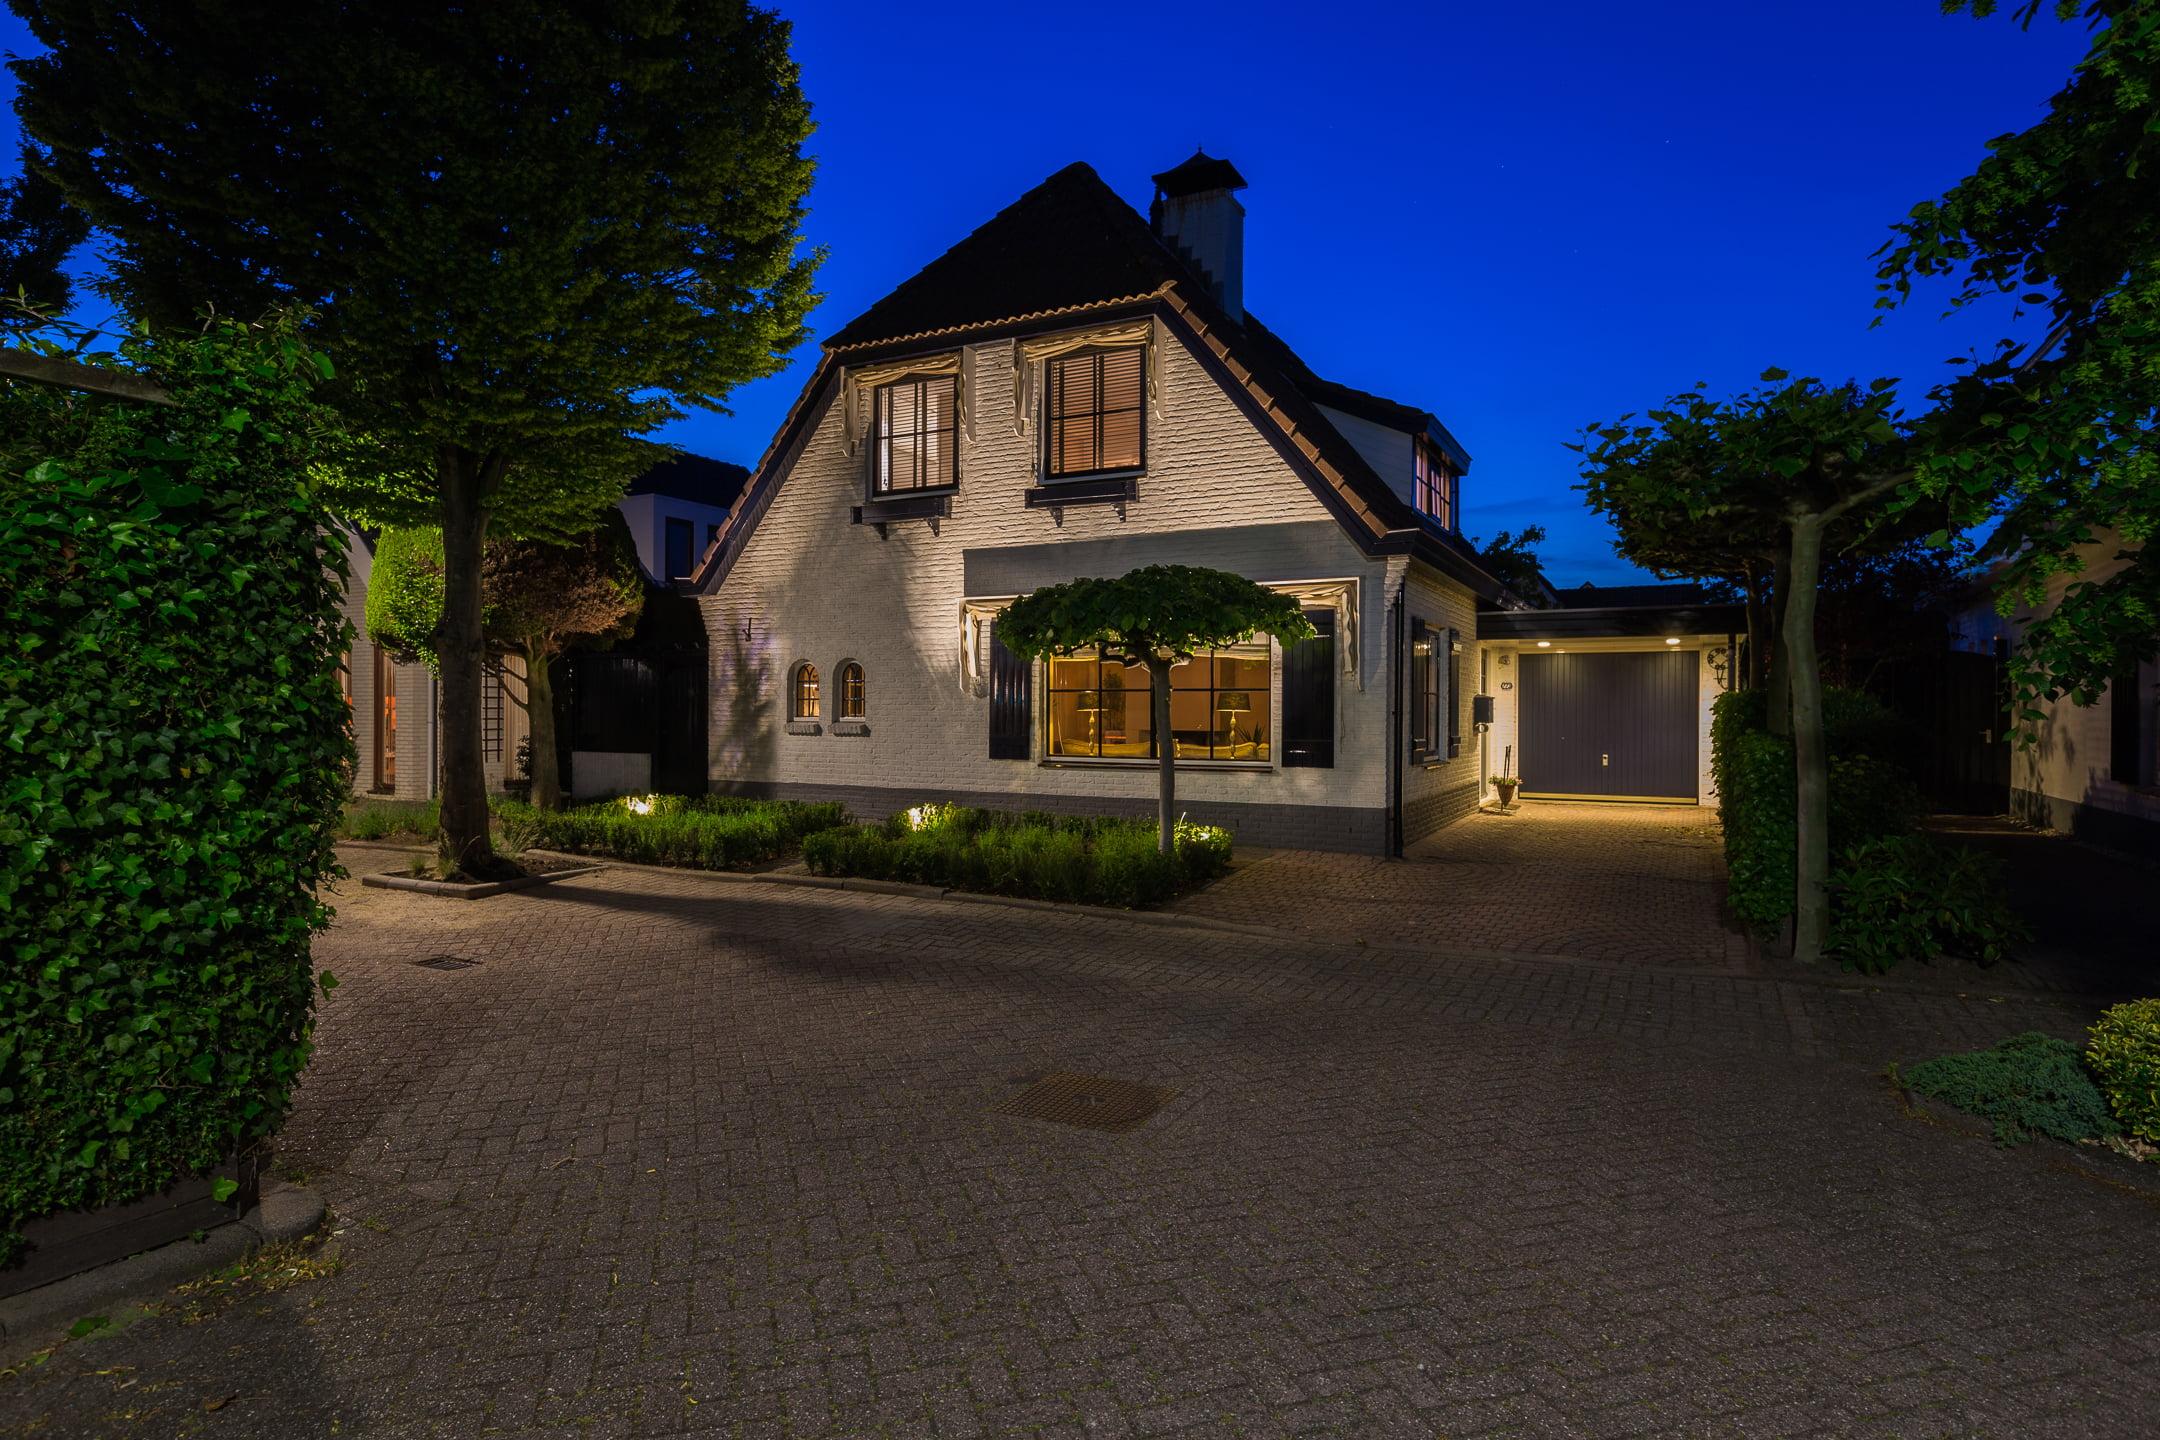 gevelfoto van een woning in de avond